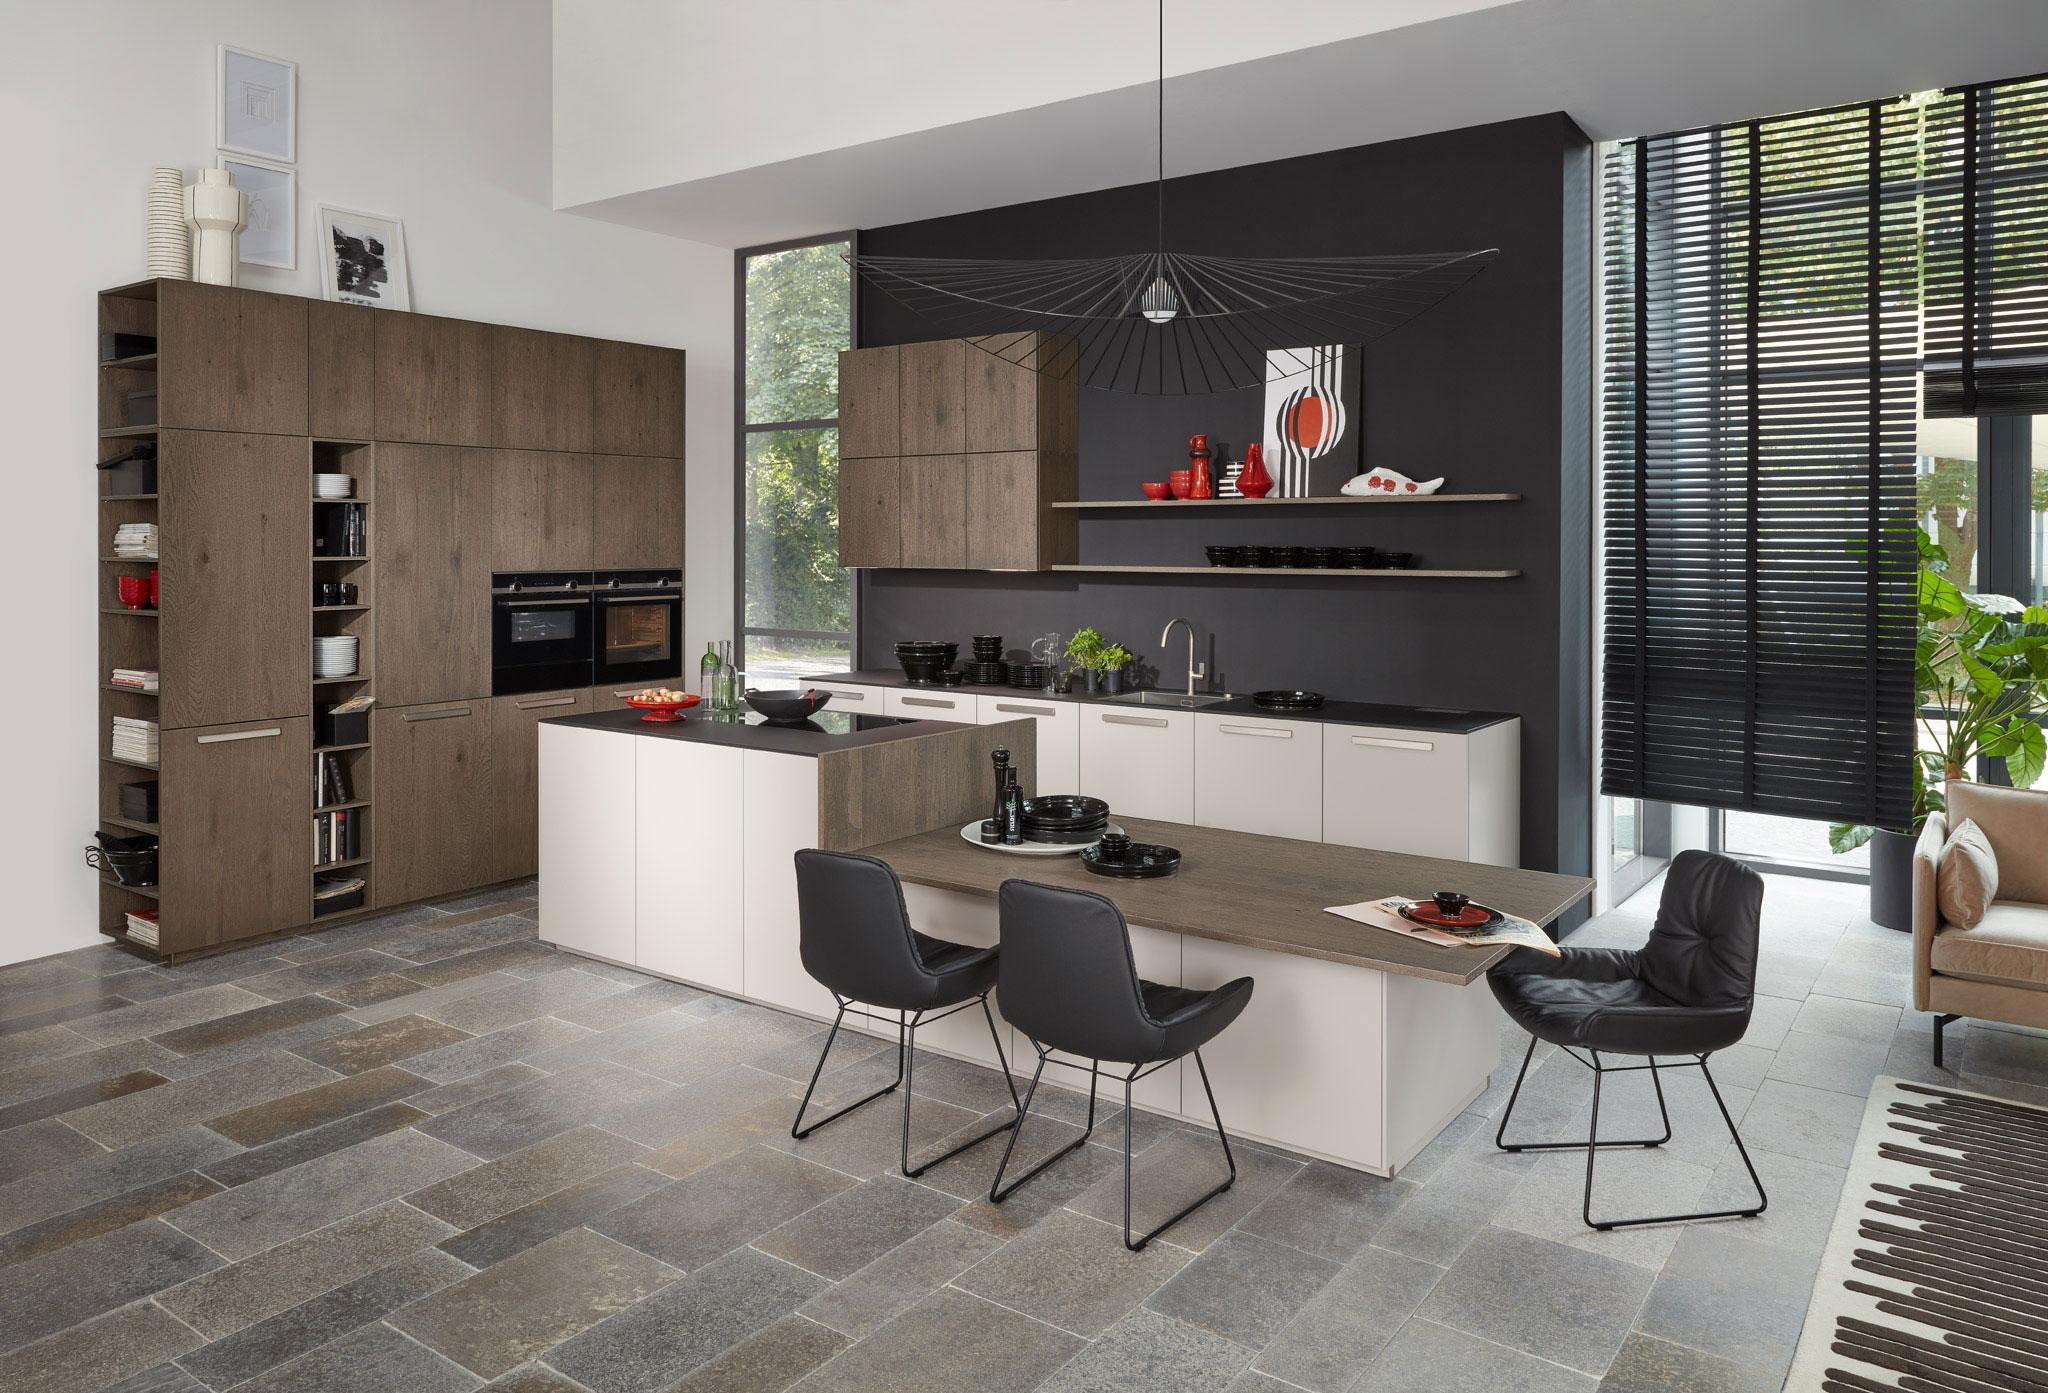 Full Size of Kchenmbel Berall Ekm Elektro Und Kchen Markt Gmbh Wohnzimmer Küchenmöbel